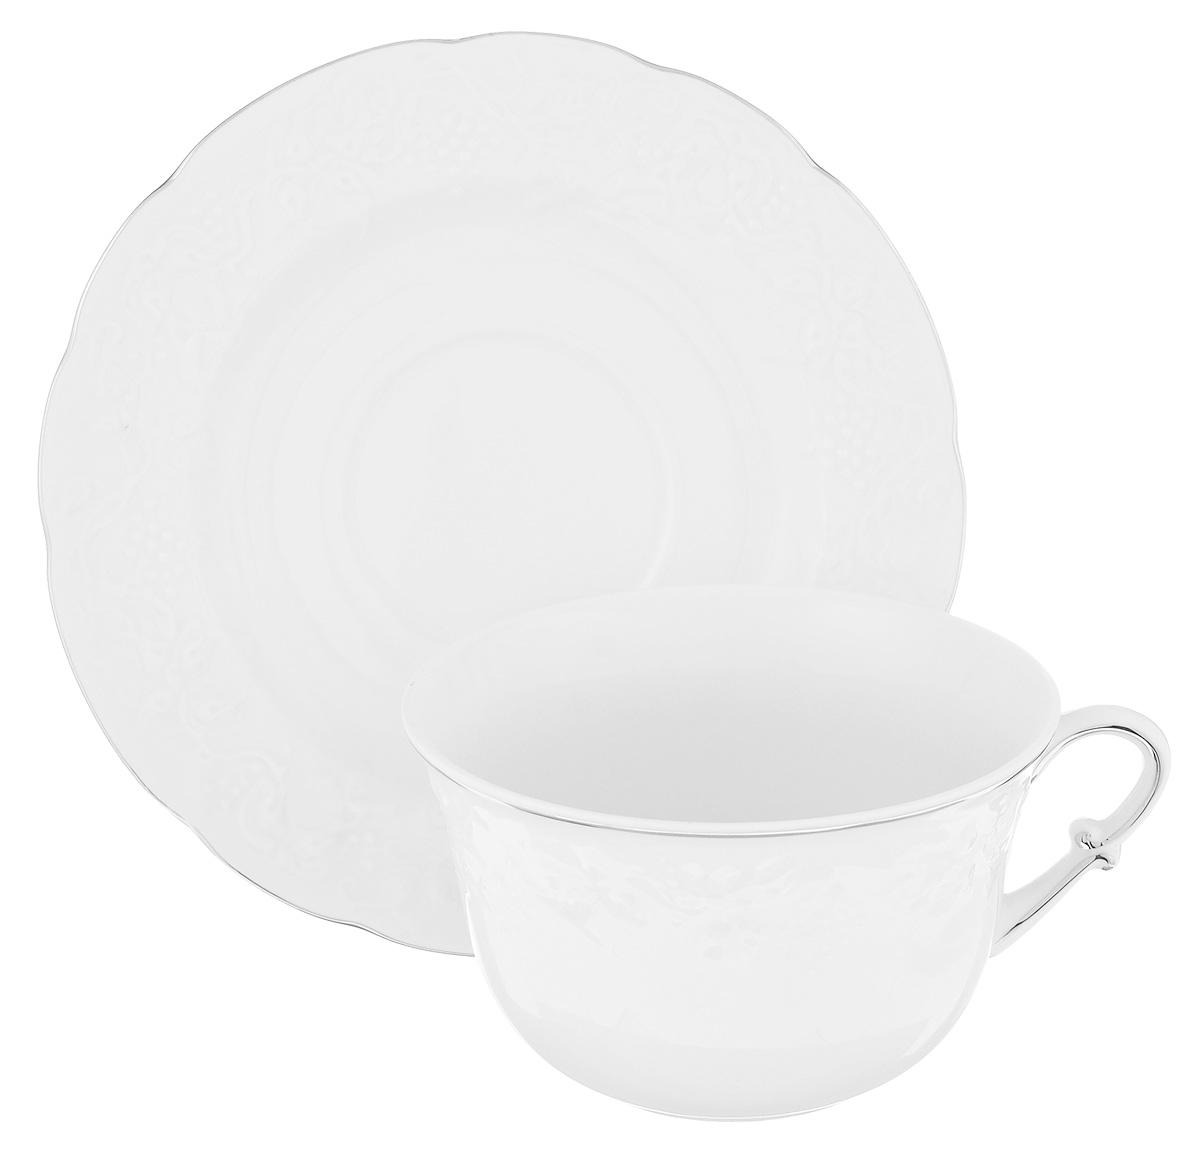 Чашка с блюдцем La Rose Des Sables Vendanges, цвет: белый, серебристый, 340 млVT-1520(SR)Чашка с блюдцем La Rose Des Sables Vendanges изготовлены из высококачественного фарфора и декорированы рельефным изображением цветов. Они прекрасно подойдут для вашей кухни и великолепно украсят стол.Изящный дизайн и красочность оформления чашки и блюдца придутся по вкусу и ценителям классики, и тем, кто предпочитает утонченность и изысканность. Объем кружки: 340 мл.Диметр кружки по верхнему краю: 11,5 см.Высота кружки: 7,5 см.Диаметр блюдца: 17,5 см.